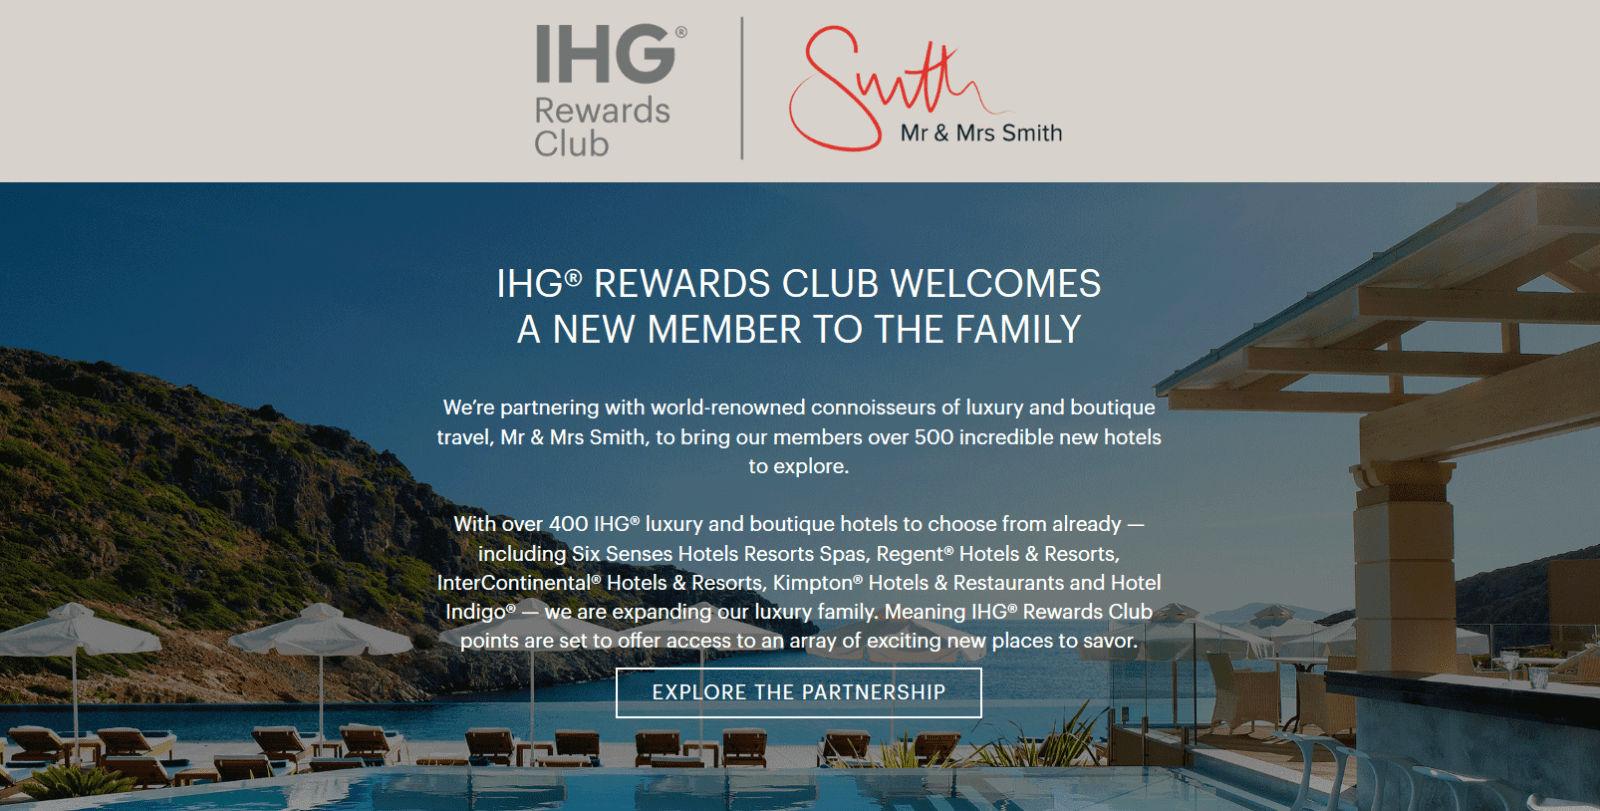 IHG kooperiert mit Mr & Mrs Smith